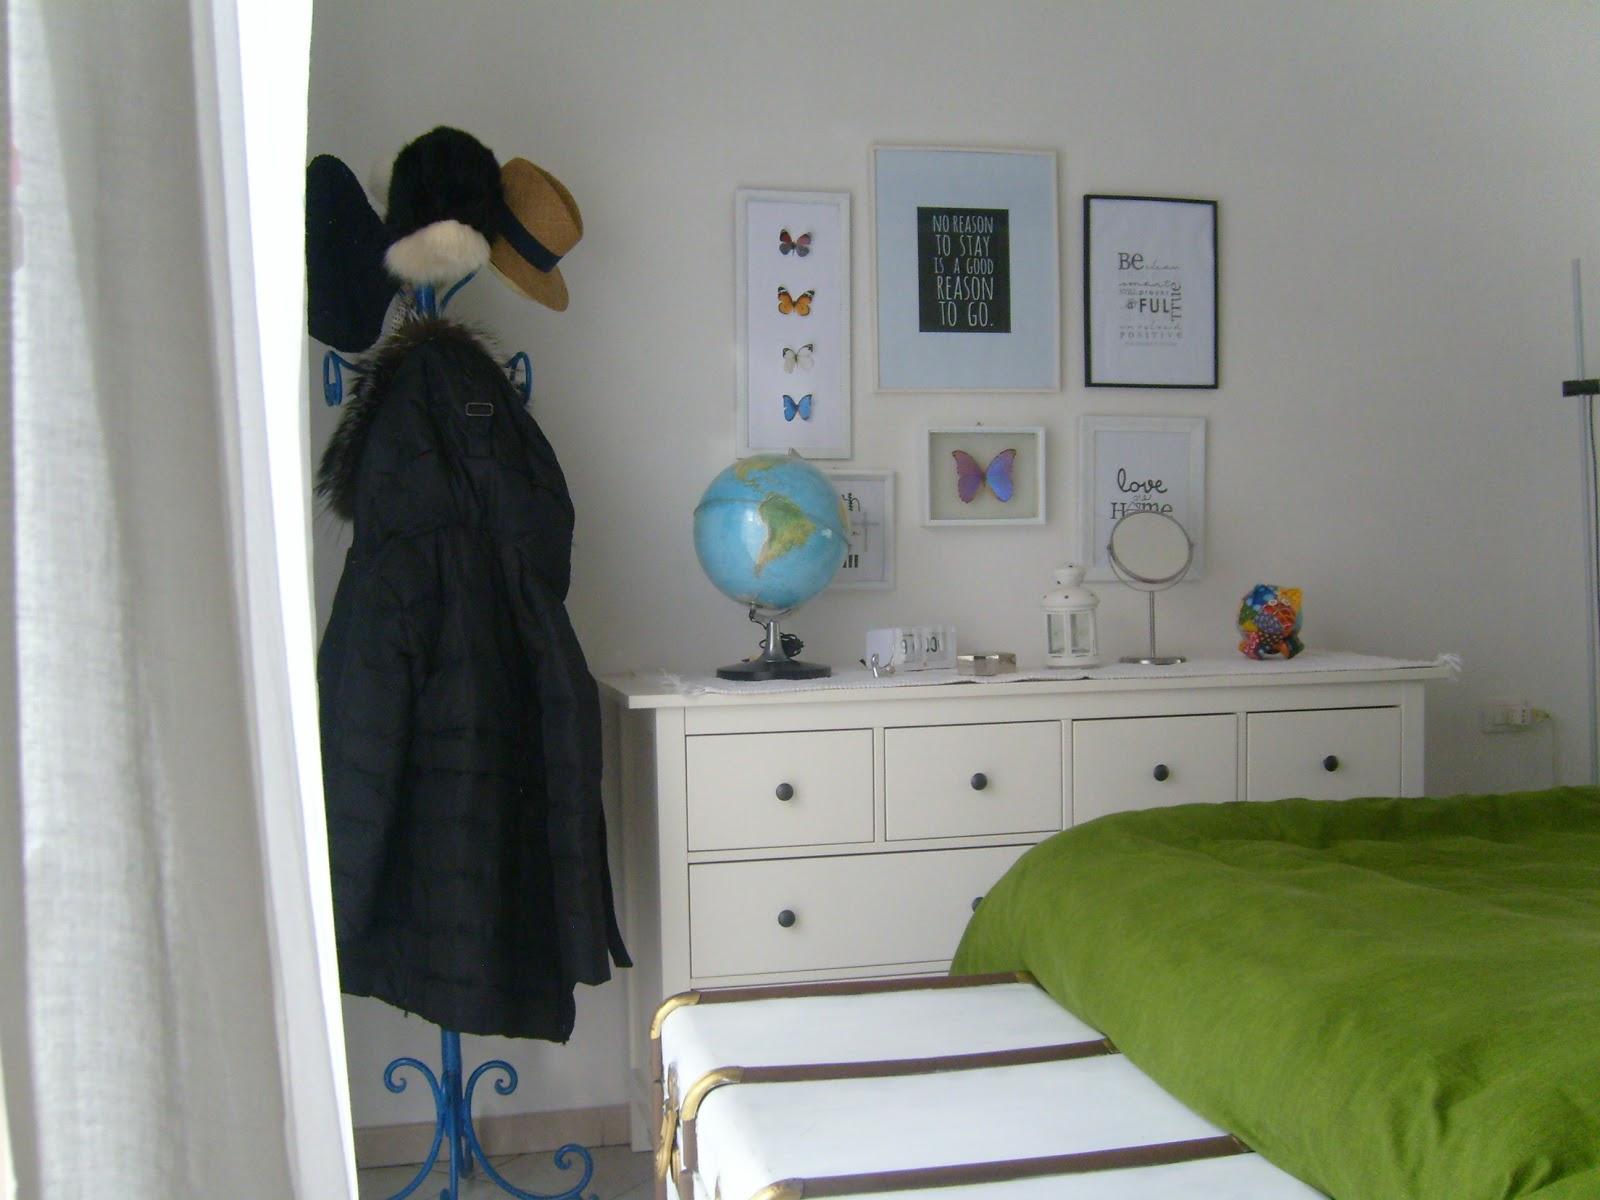 Desde este lado de mi mundo diy decorar las paredes - Decorar mi casa reciclando ...